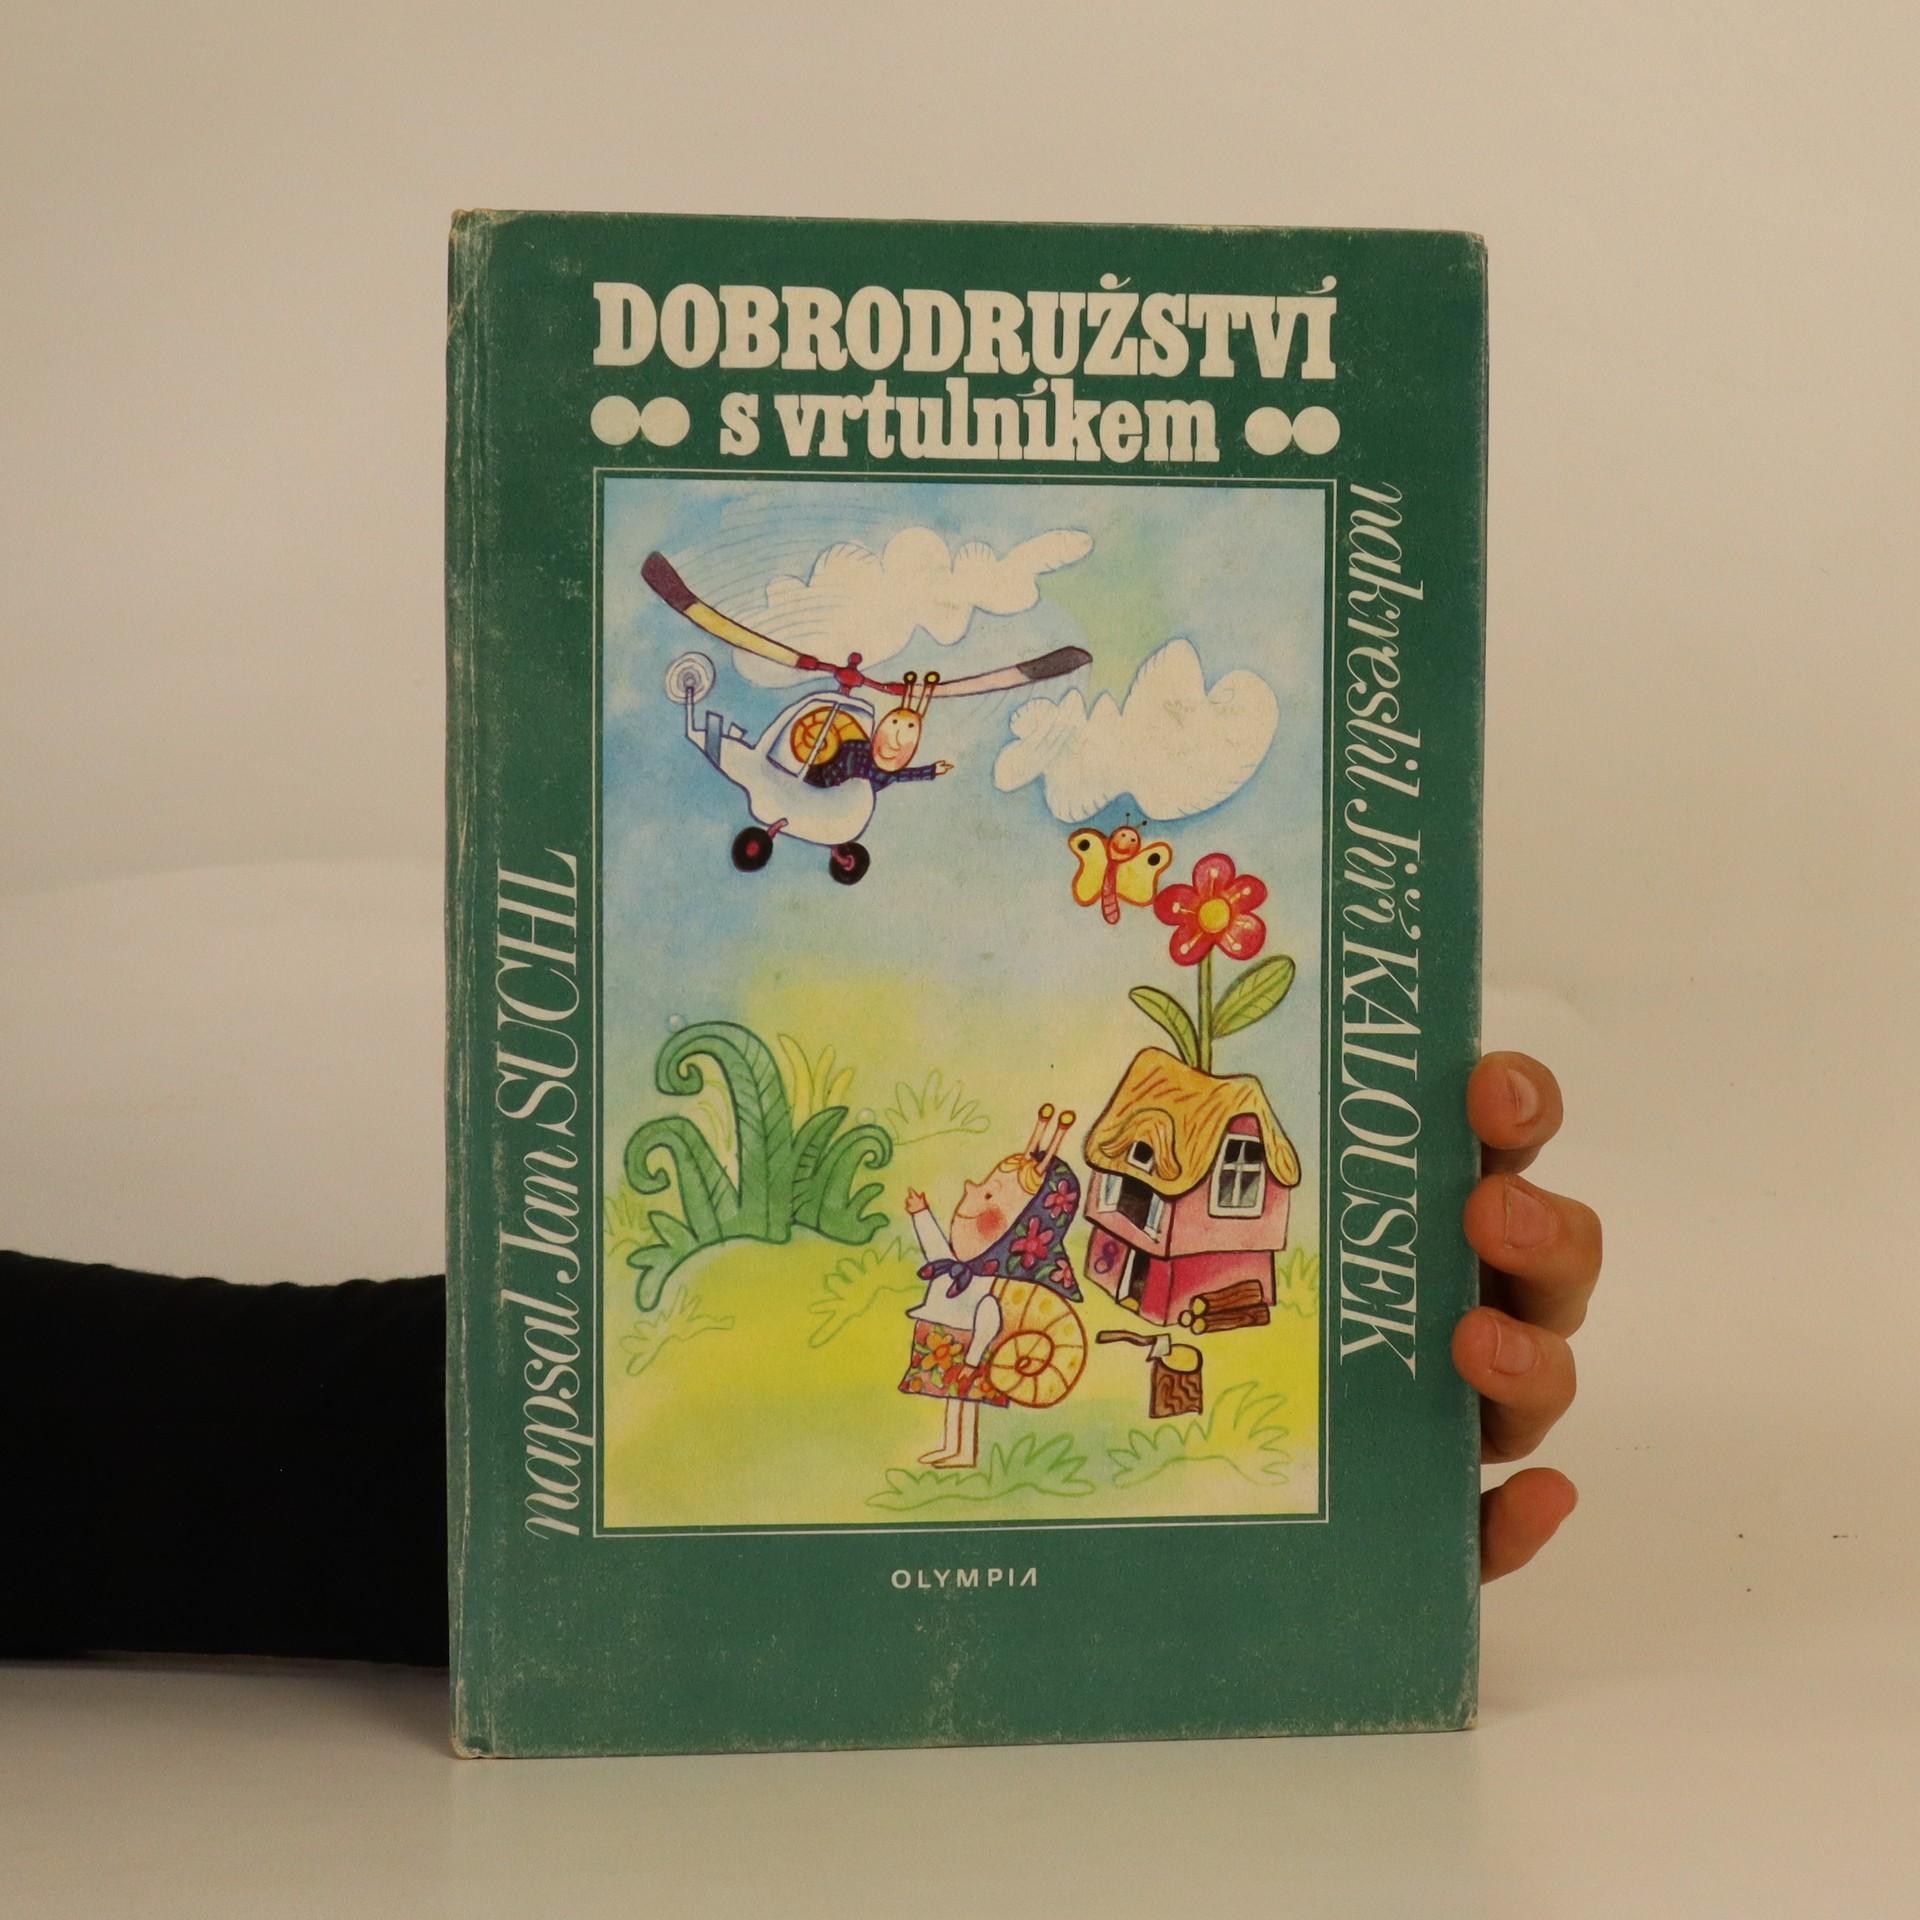 antikvární kniha Dobrodružství s vrtulníkem, 1979